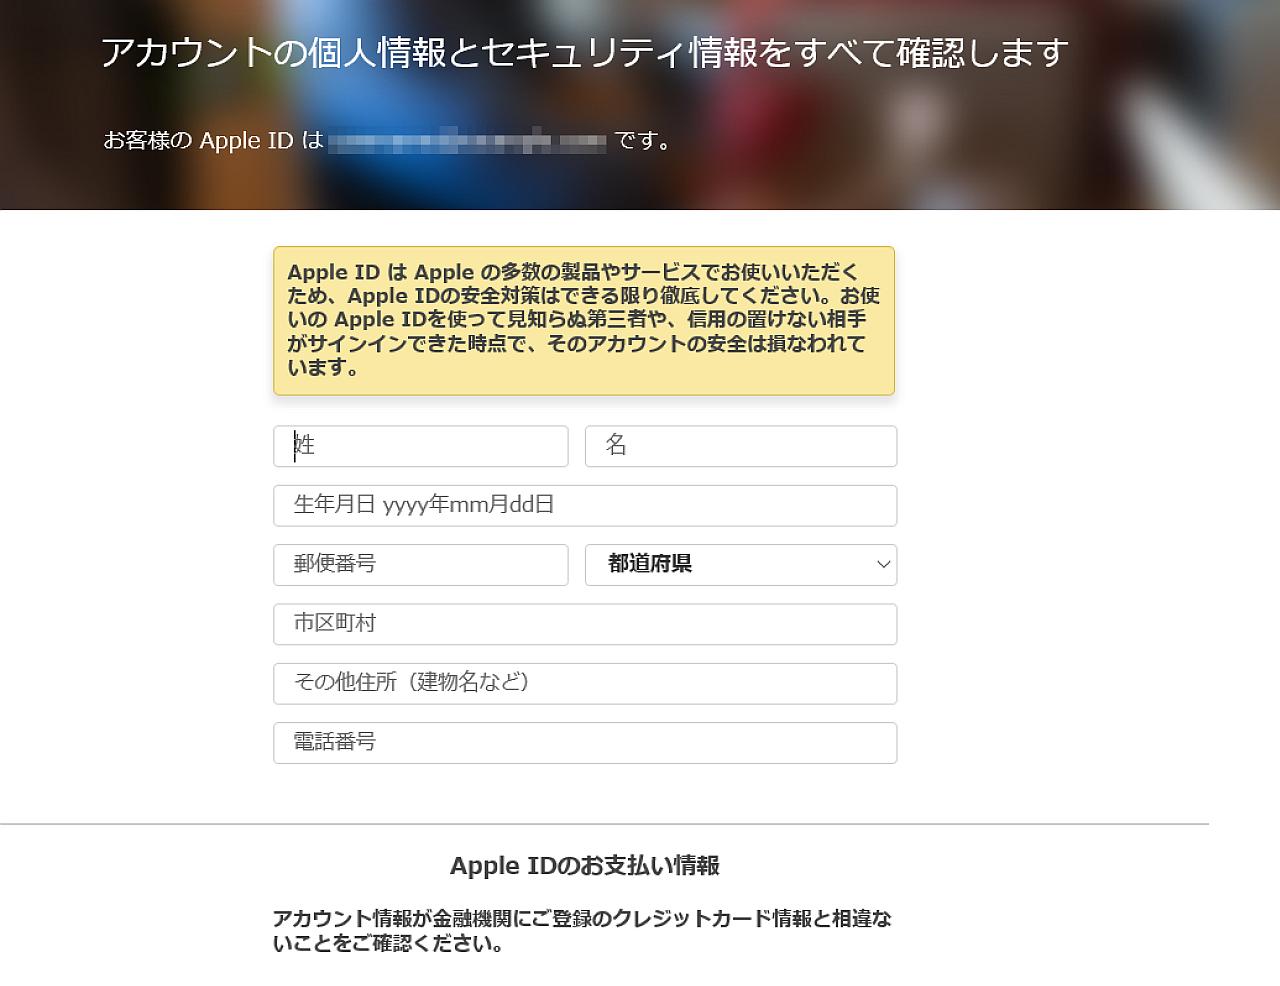 個人情報の入力を促すフィッシングサイトの例